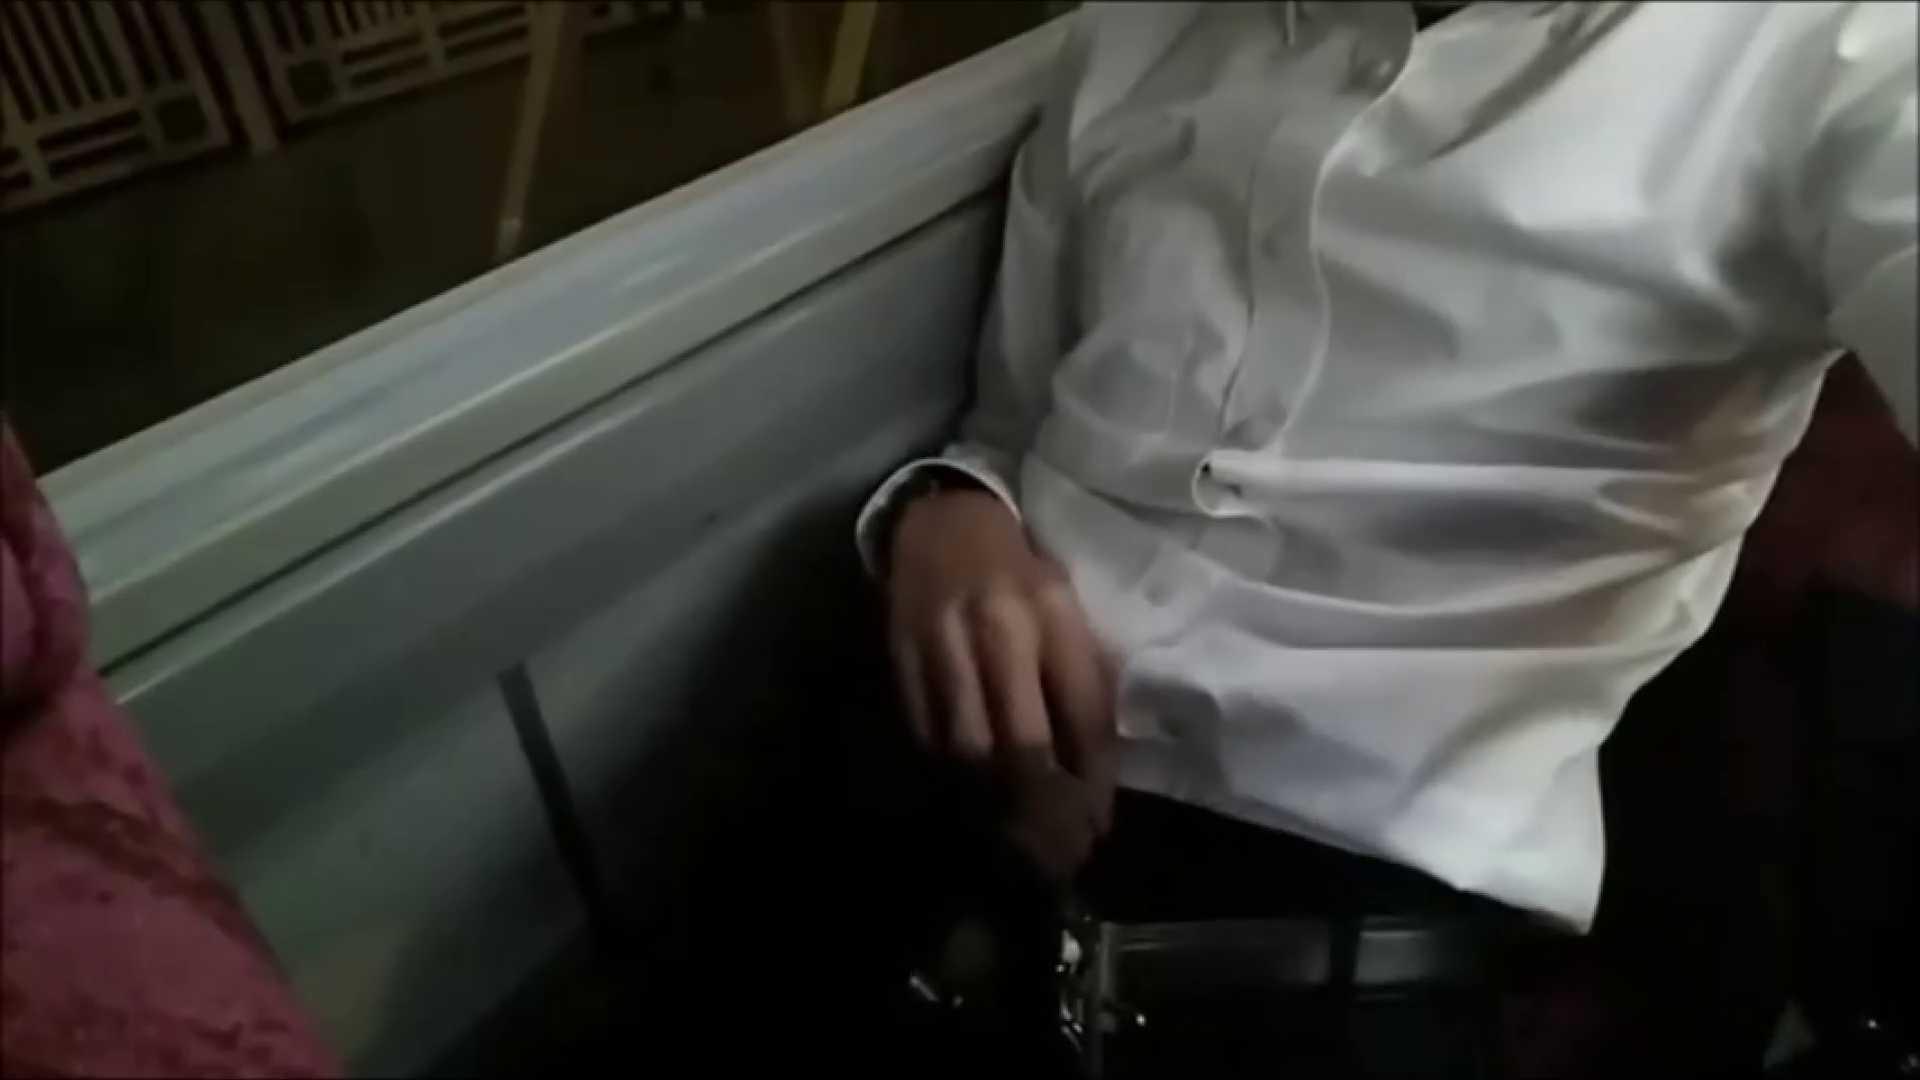 巨根 オナニー塾Vol.13 野外露出セックス   オナニー ゲイ素人エロ画像 95枚 47